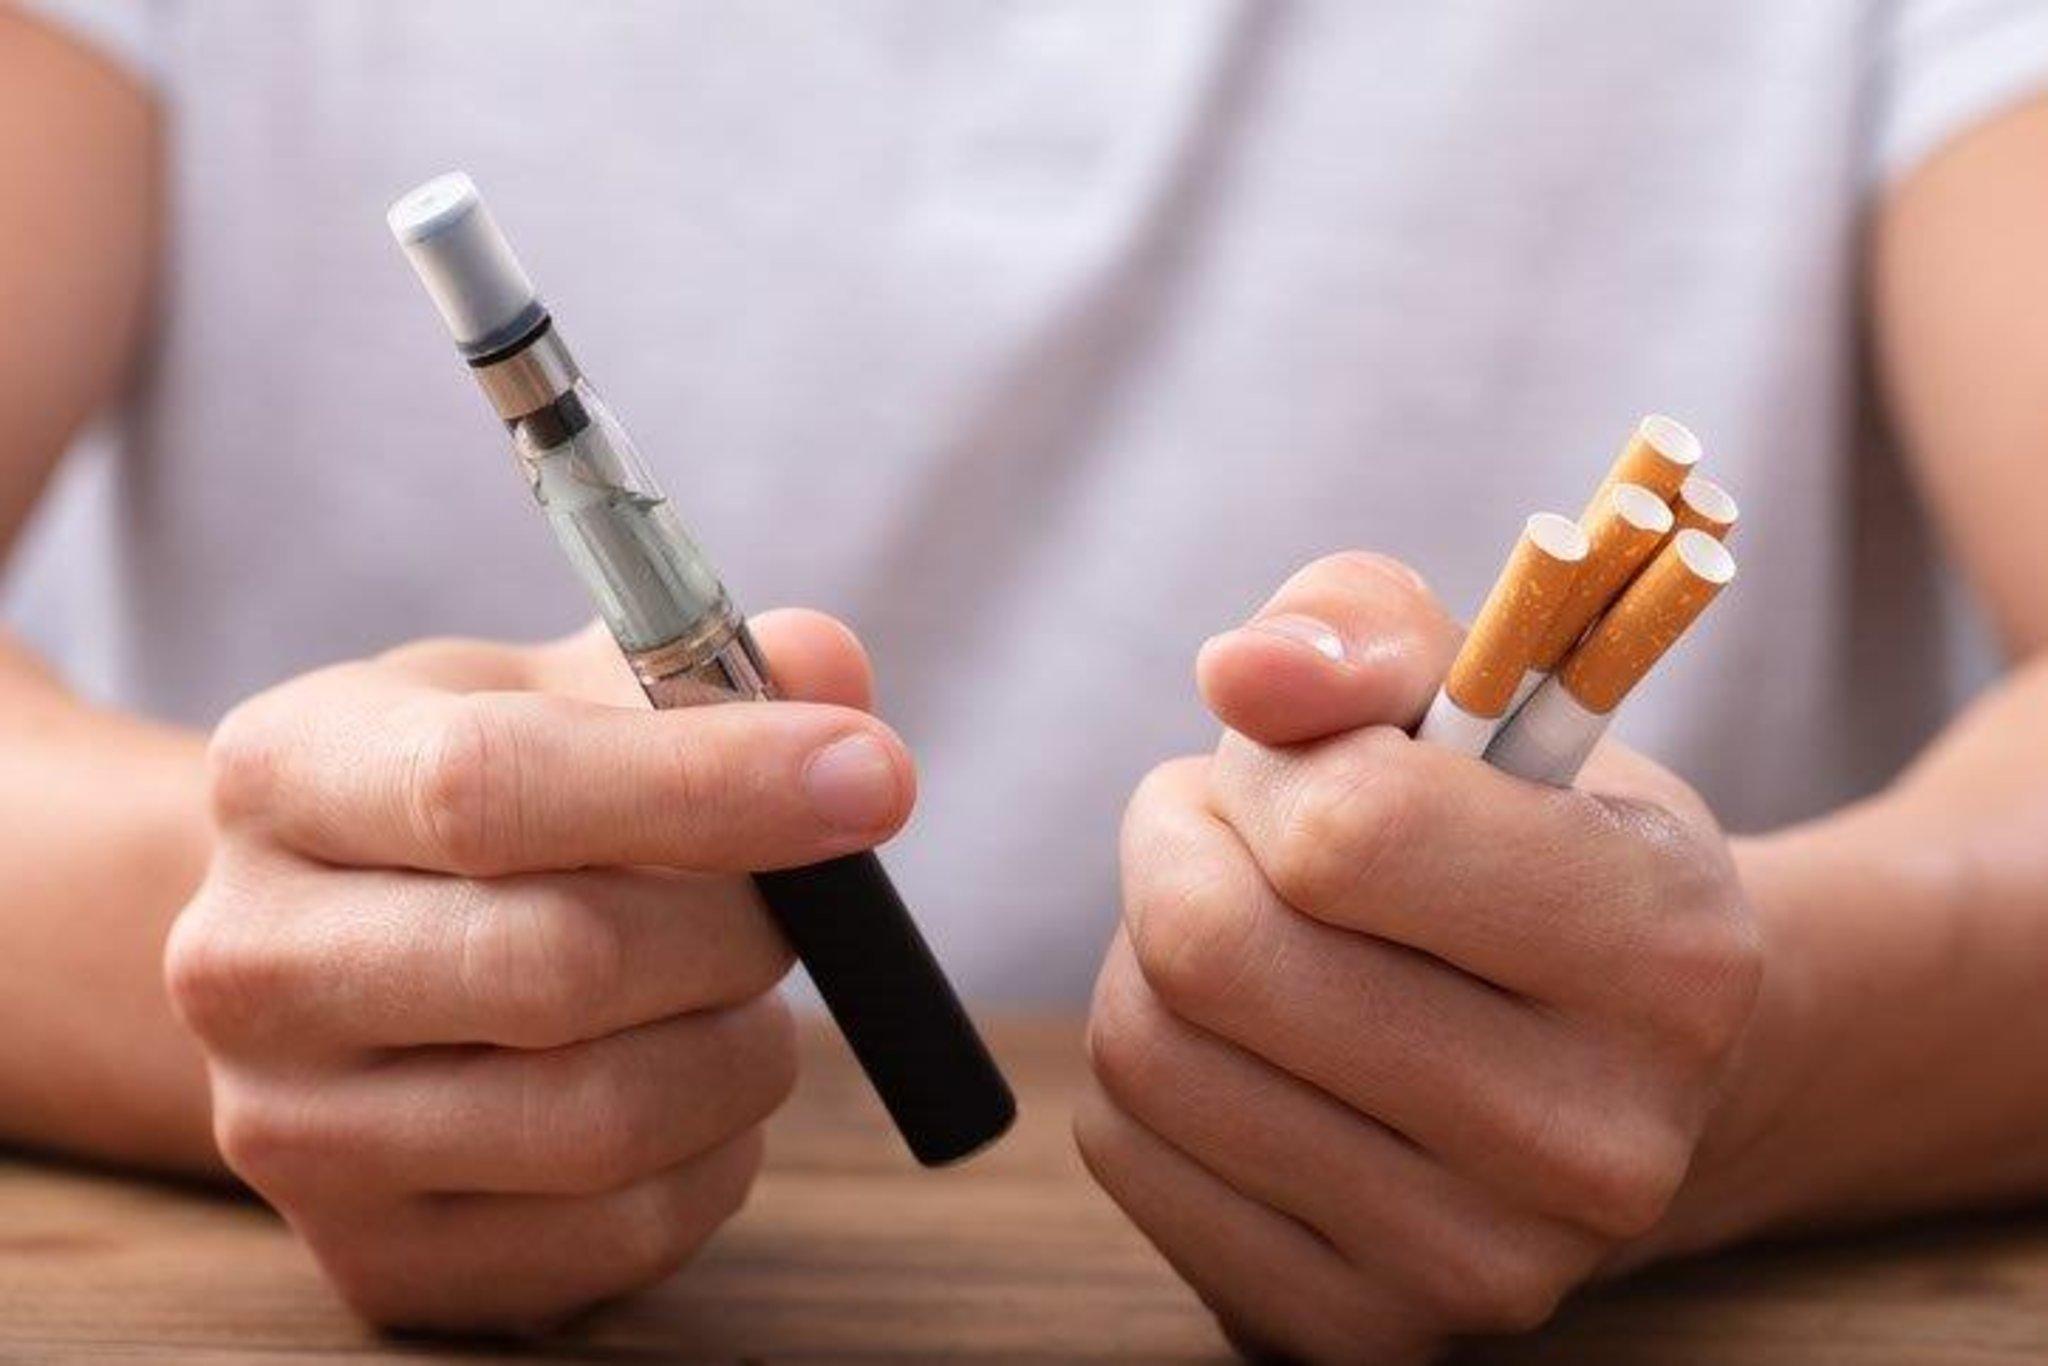 Kiffen aufhoren rauchen dafur mehr